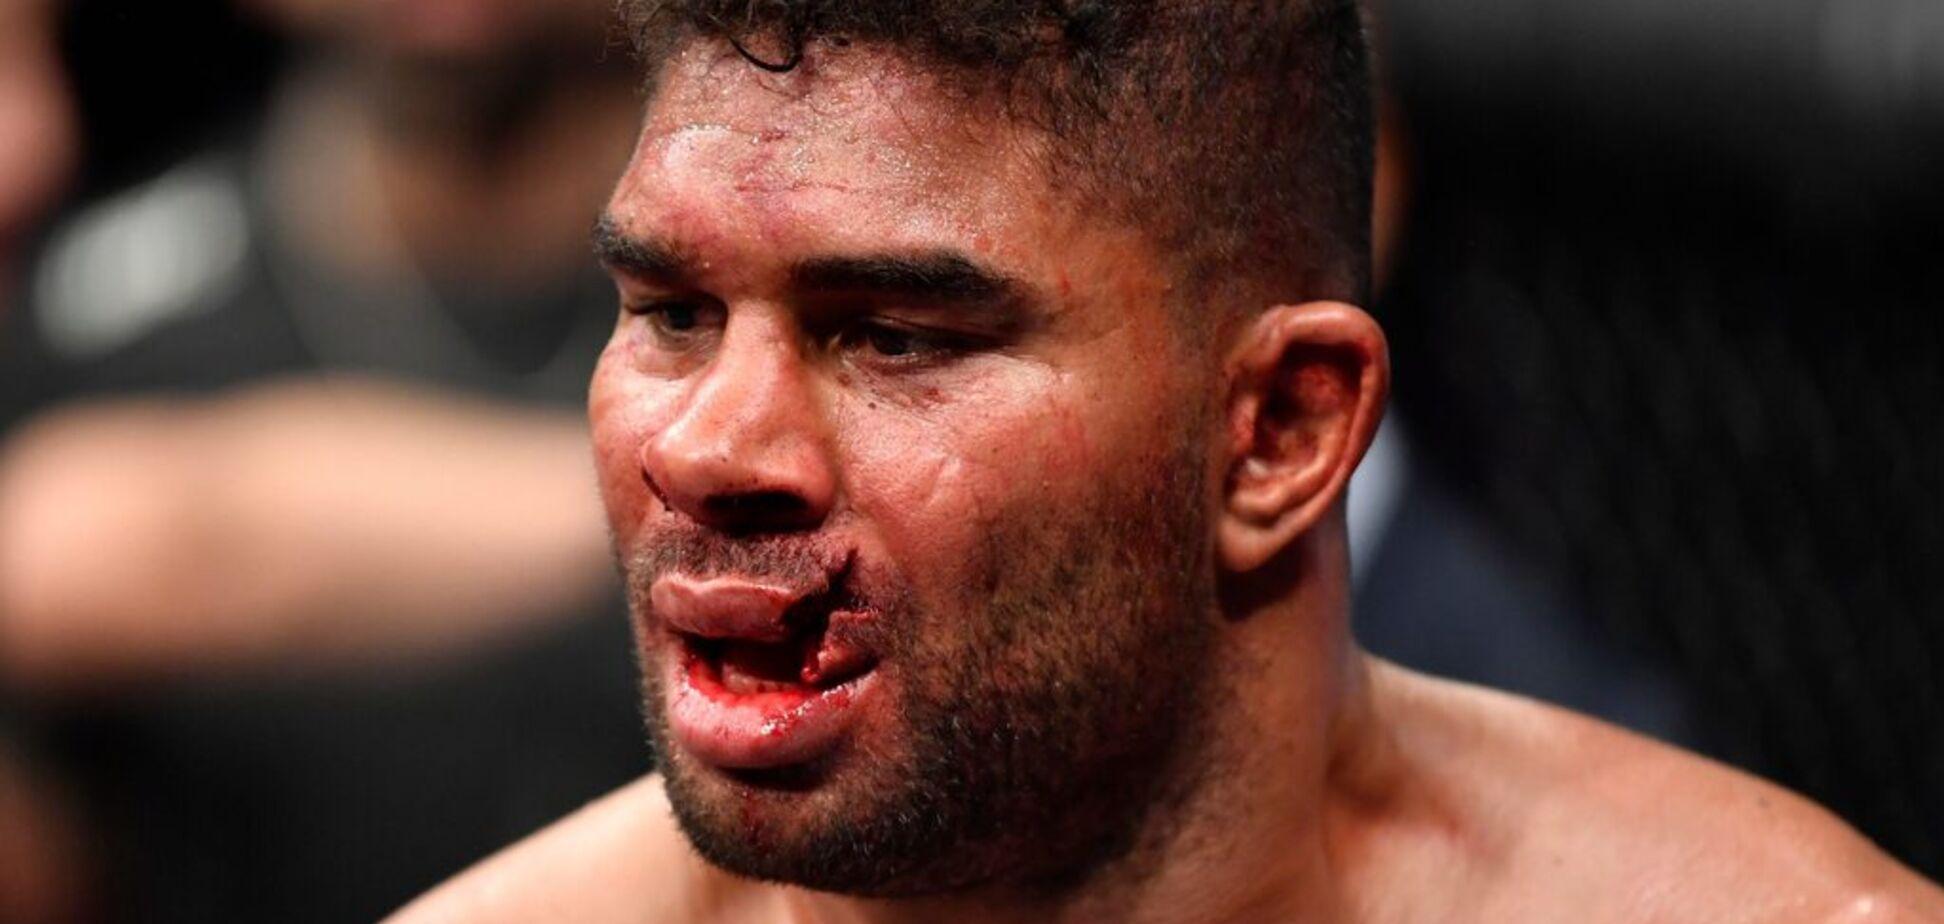 Боец UFC получил чудовищную травму на последней секунде боя: фото и видео 18+